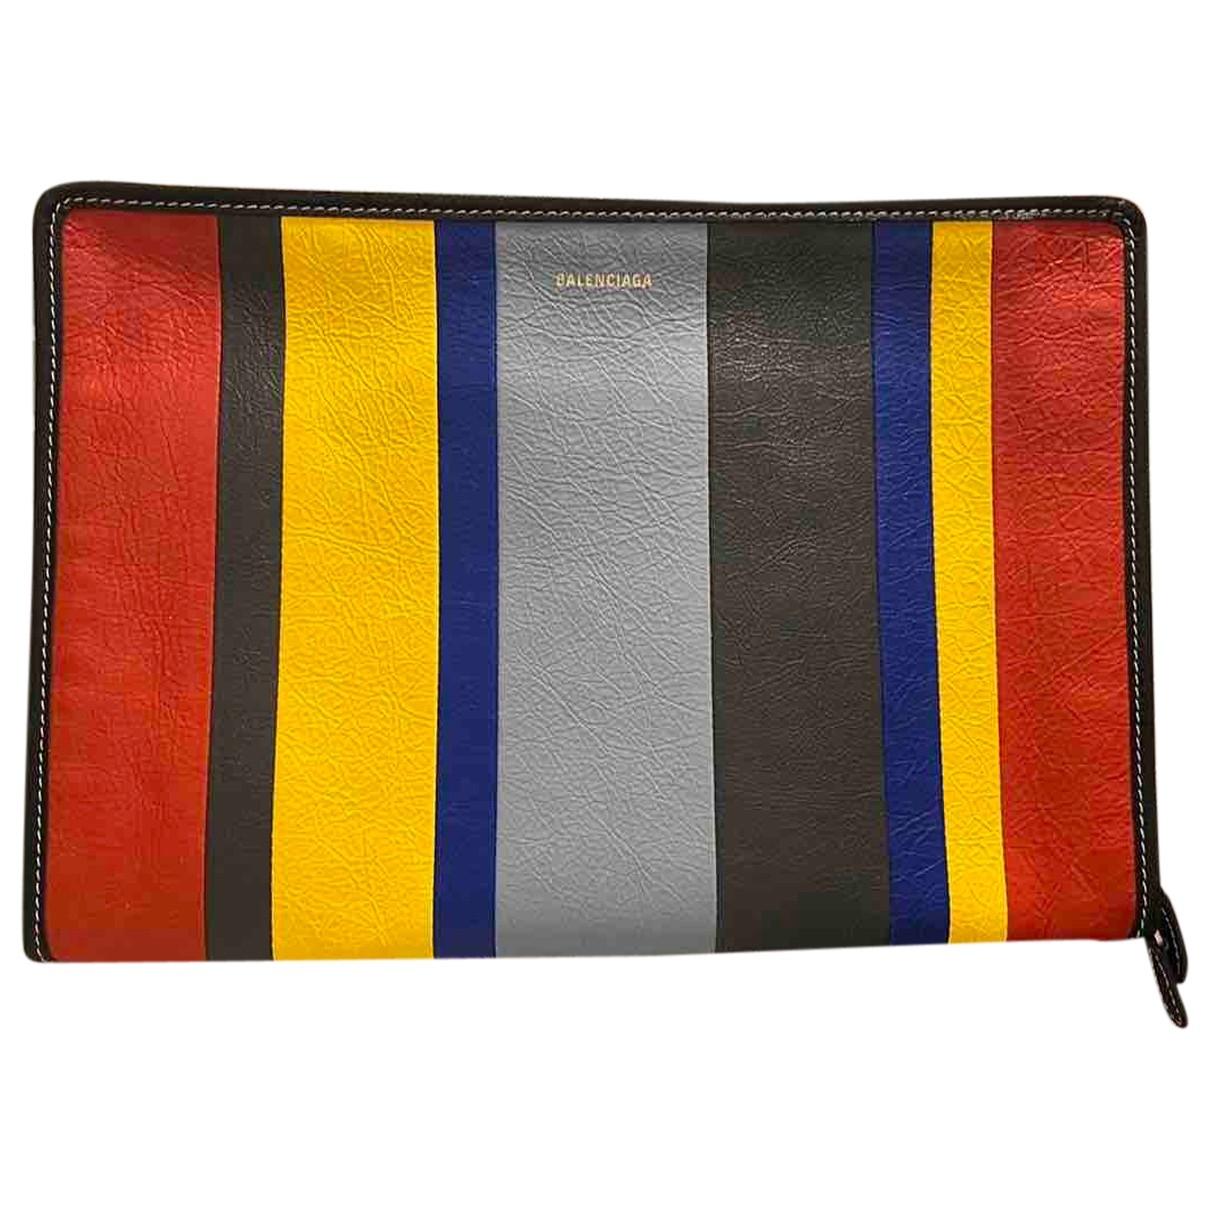 Balenciaga - Petite maroquinerie   pour homme en cuir - multicolore